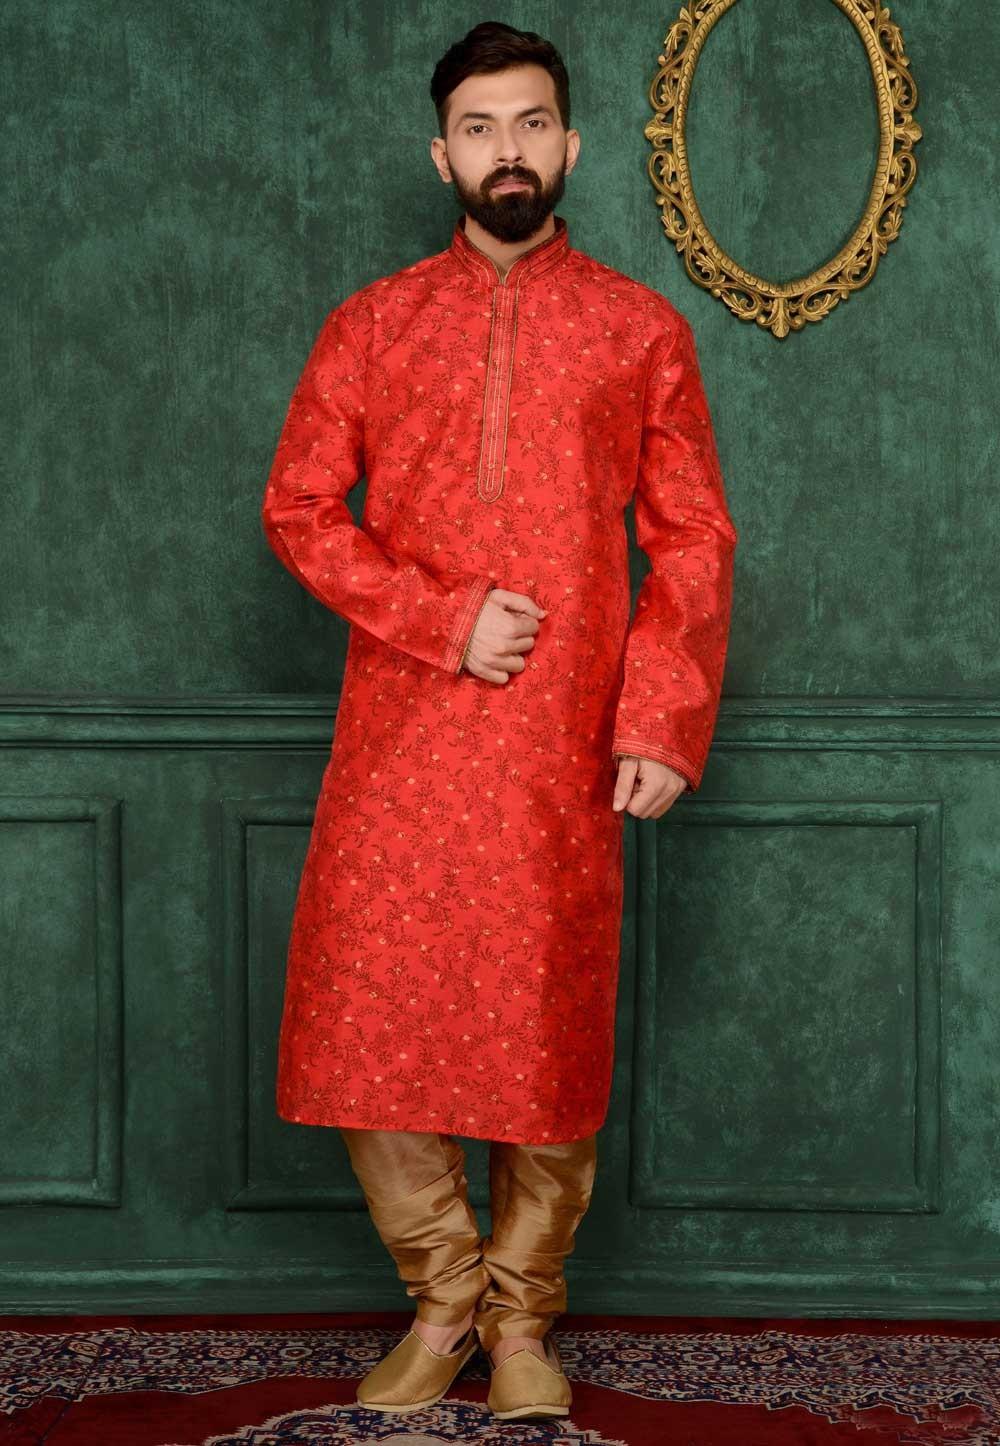 Brocade Silk & Red Color Men's Readymade Kurta Pajama.